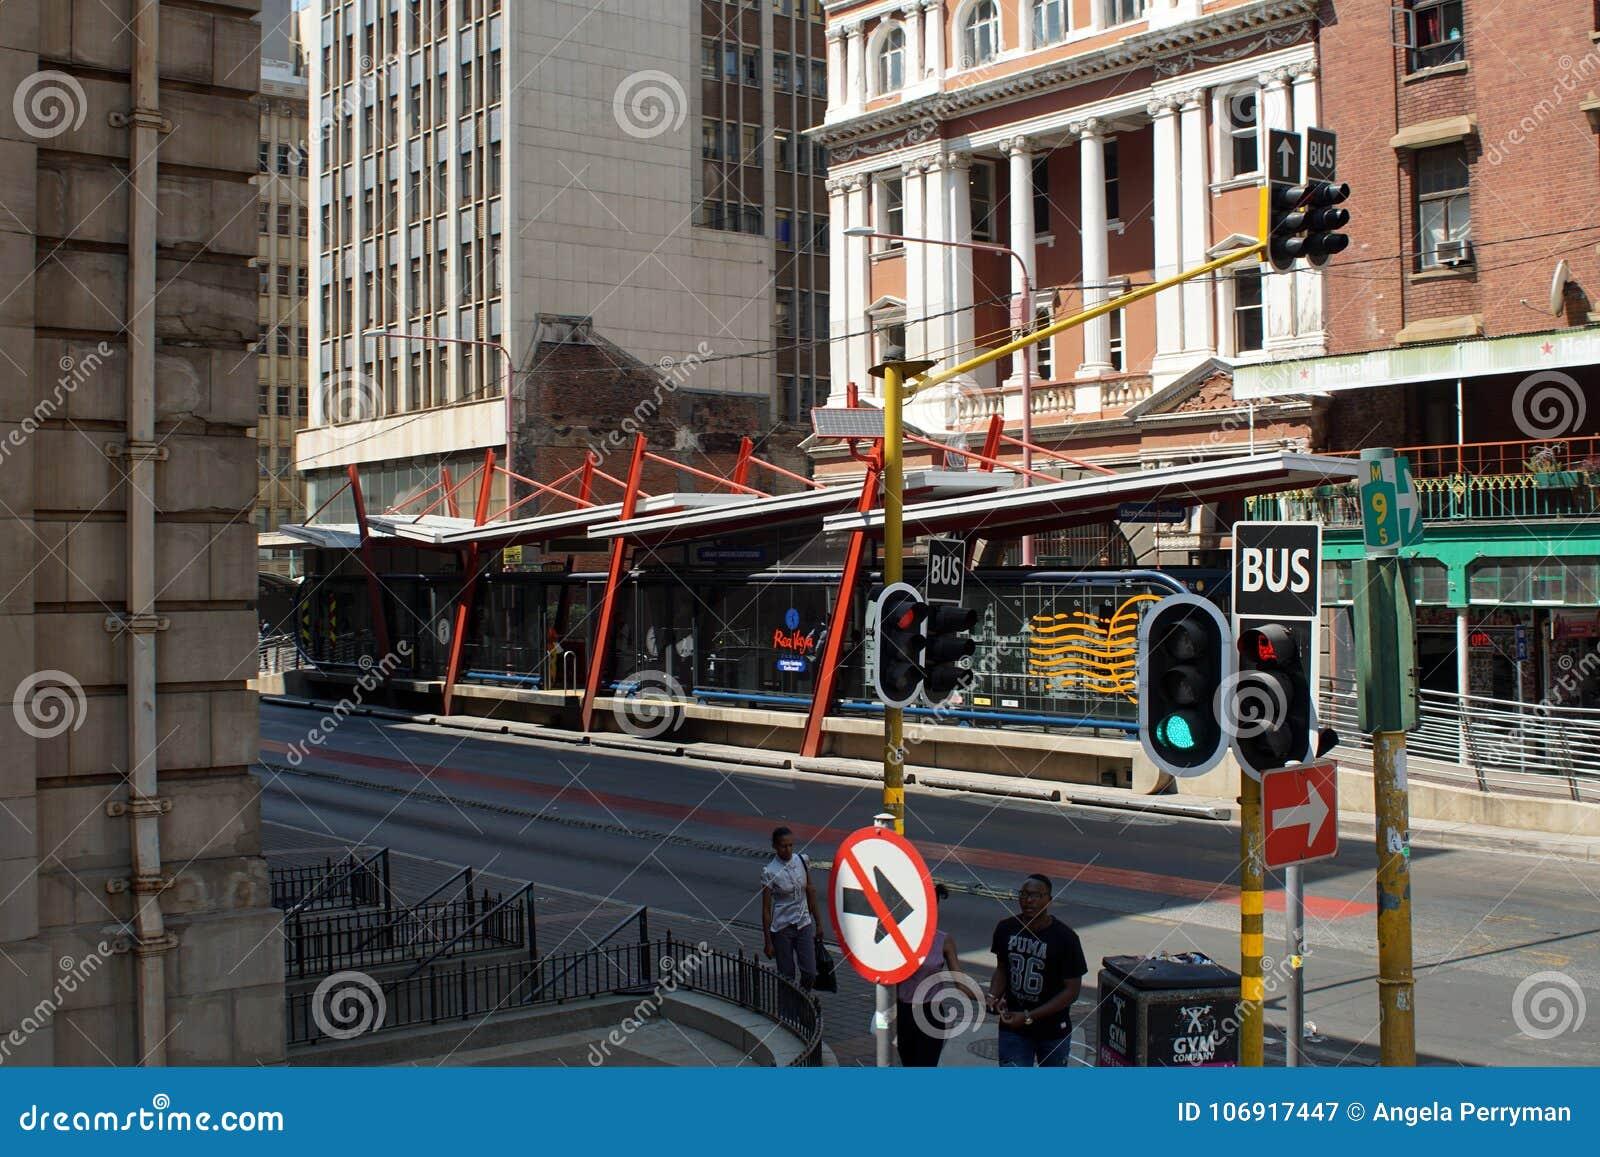 Bushaltestelle im zentralen Geschäftsgebiet, Johannesburg, Südafrika